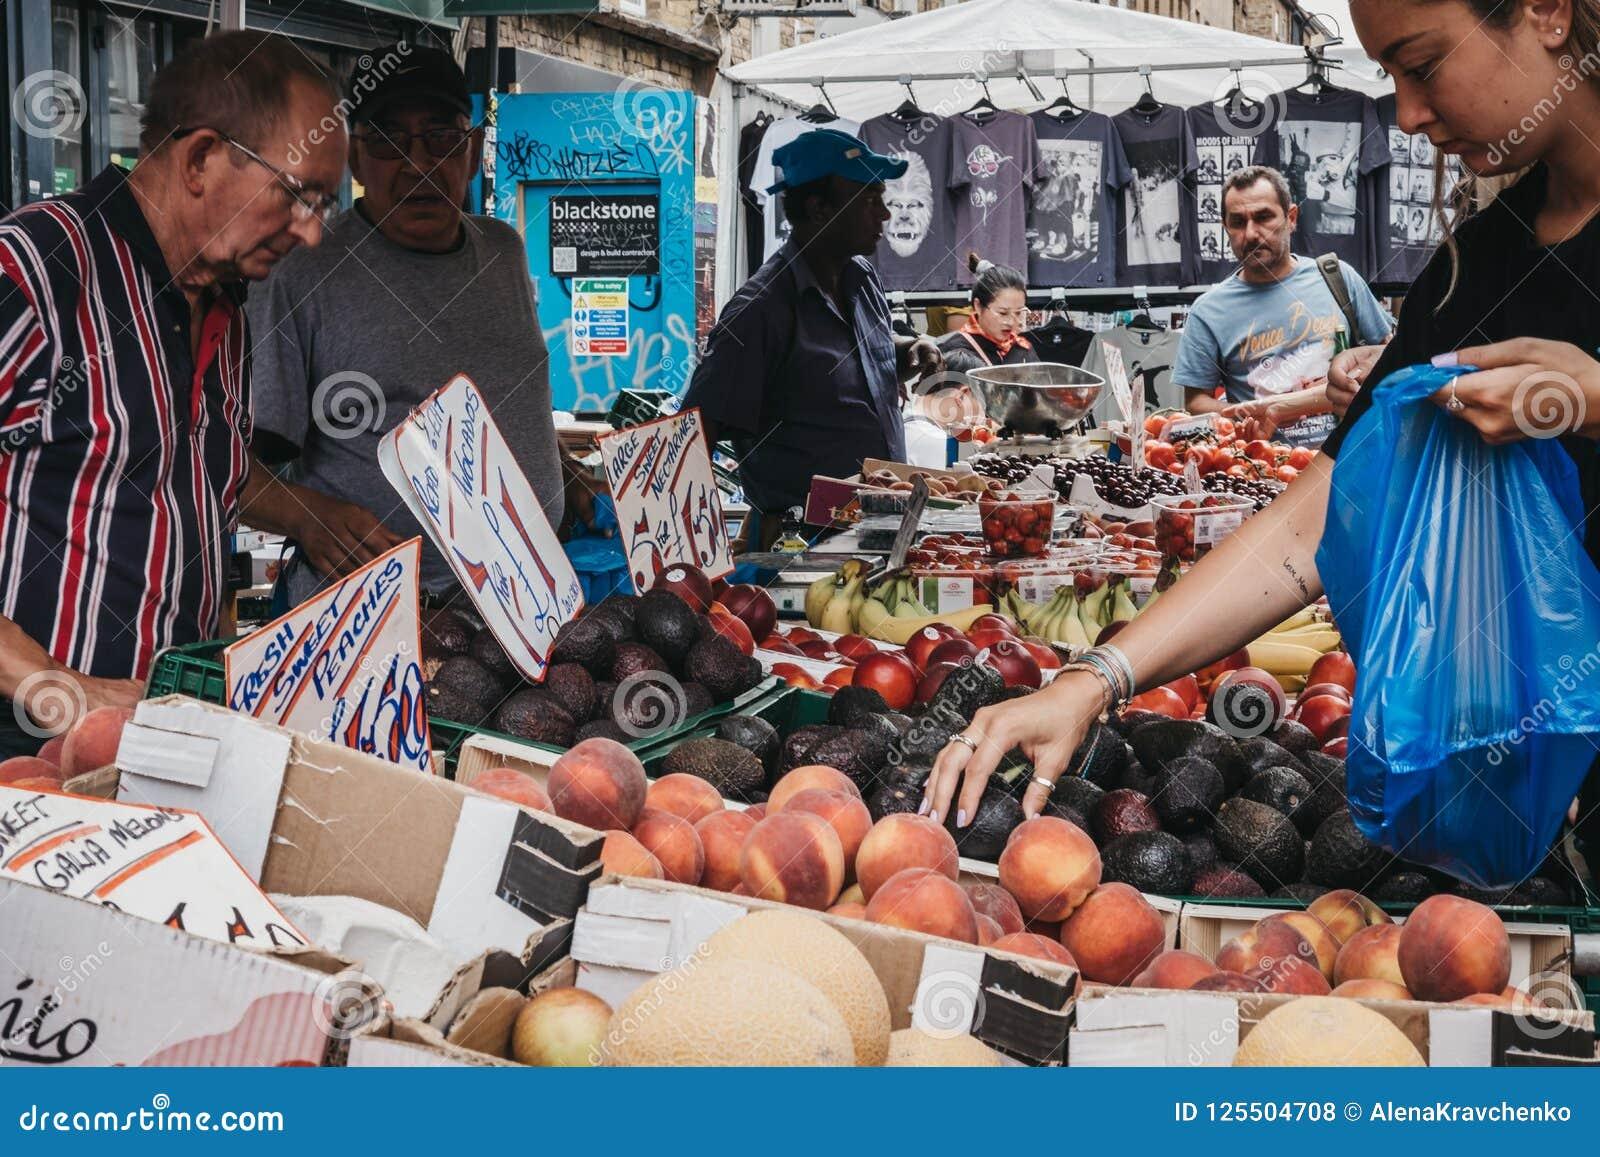 feb186c865 Woman Buying Fresh Fruits In Brick Lane